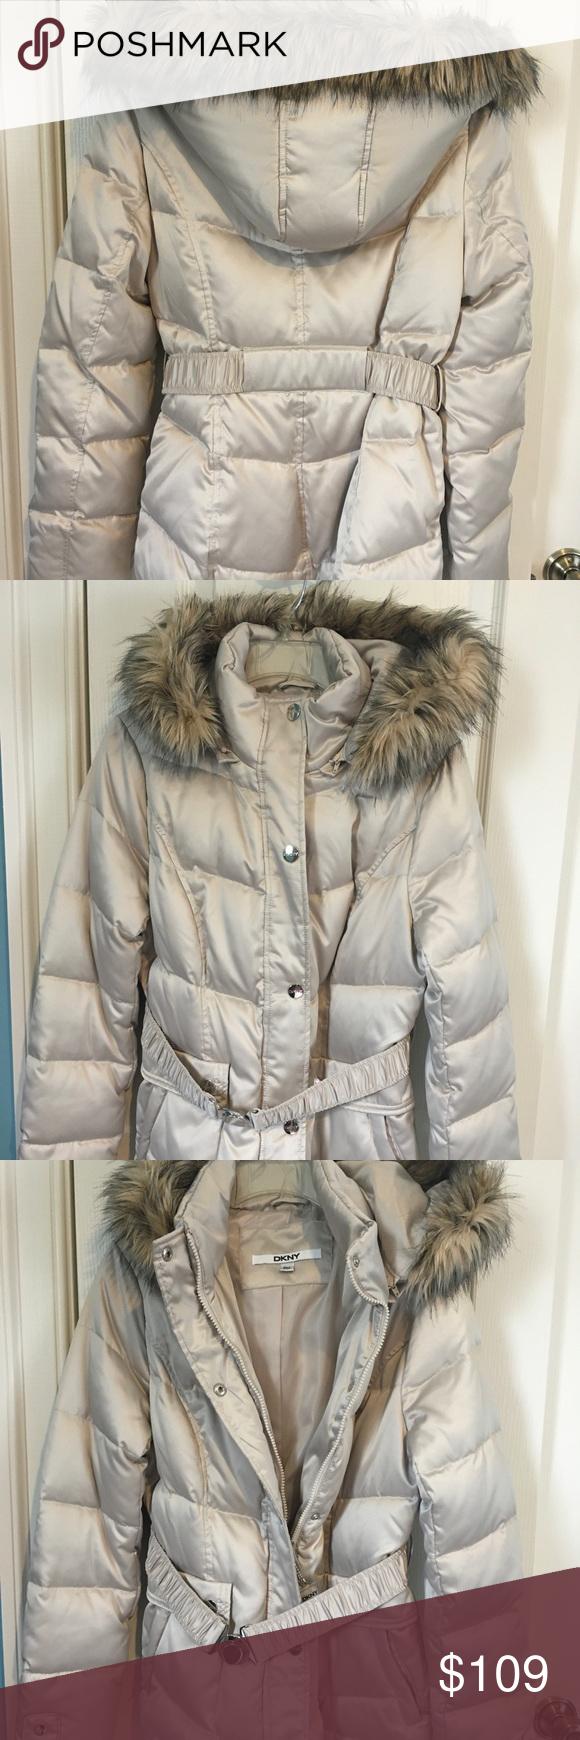 Nwt Dkny Down Winter Coat New With Tag Dkny Coat With Faux Fur Hood Never Worn Down Winter Coats Faux Fur Hood Winter Coat [ 1740 x 580 Pixel ]